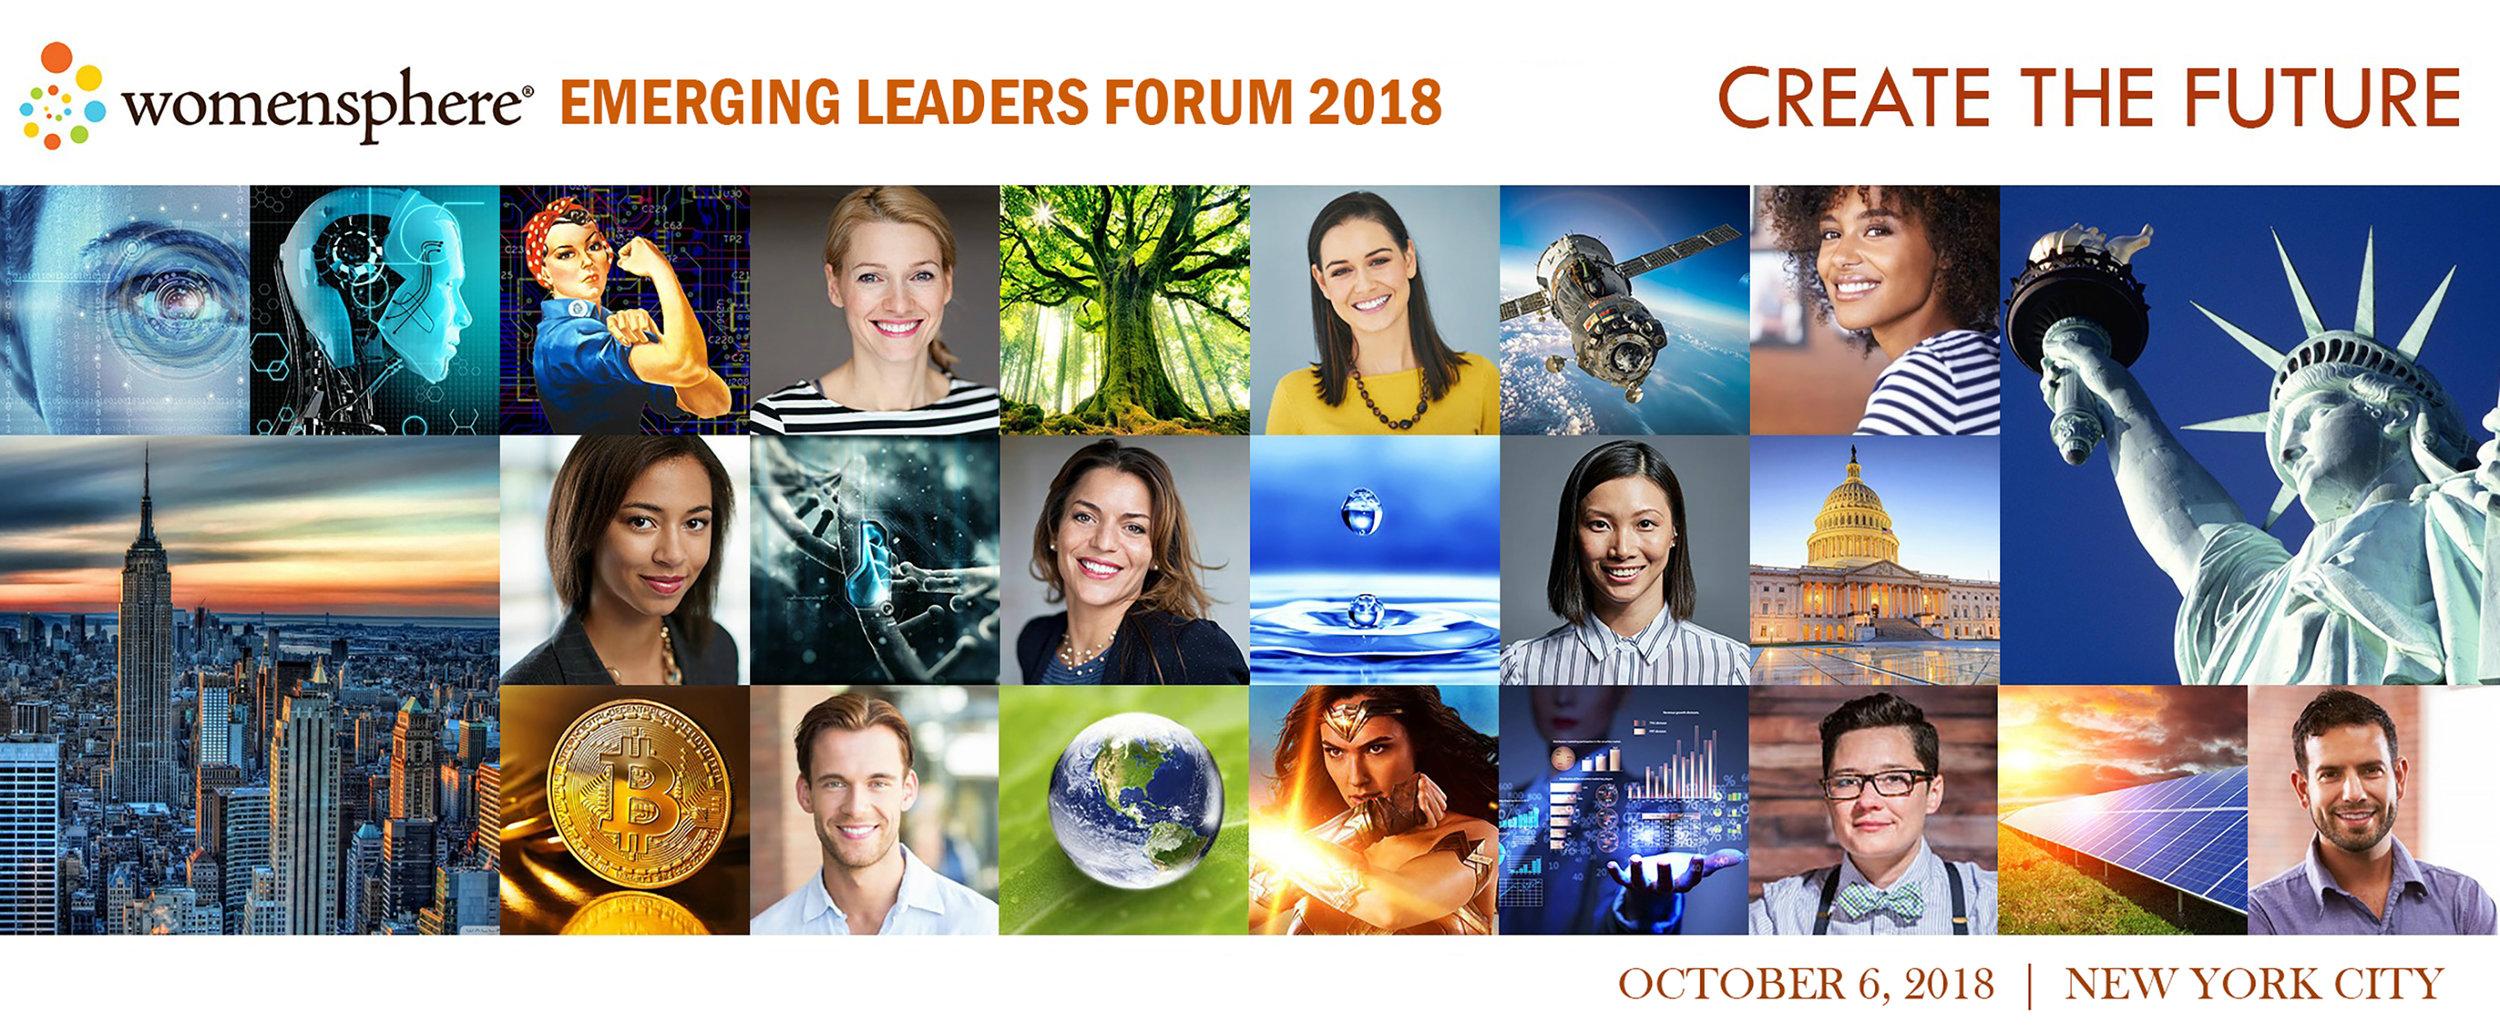 Womensphere Emerging Leaders Forum October 2018.jpg